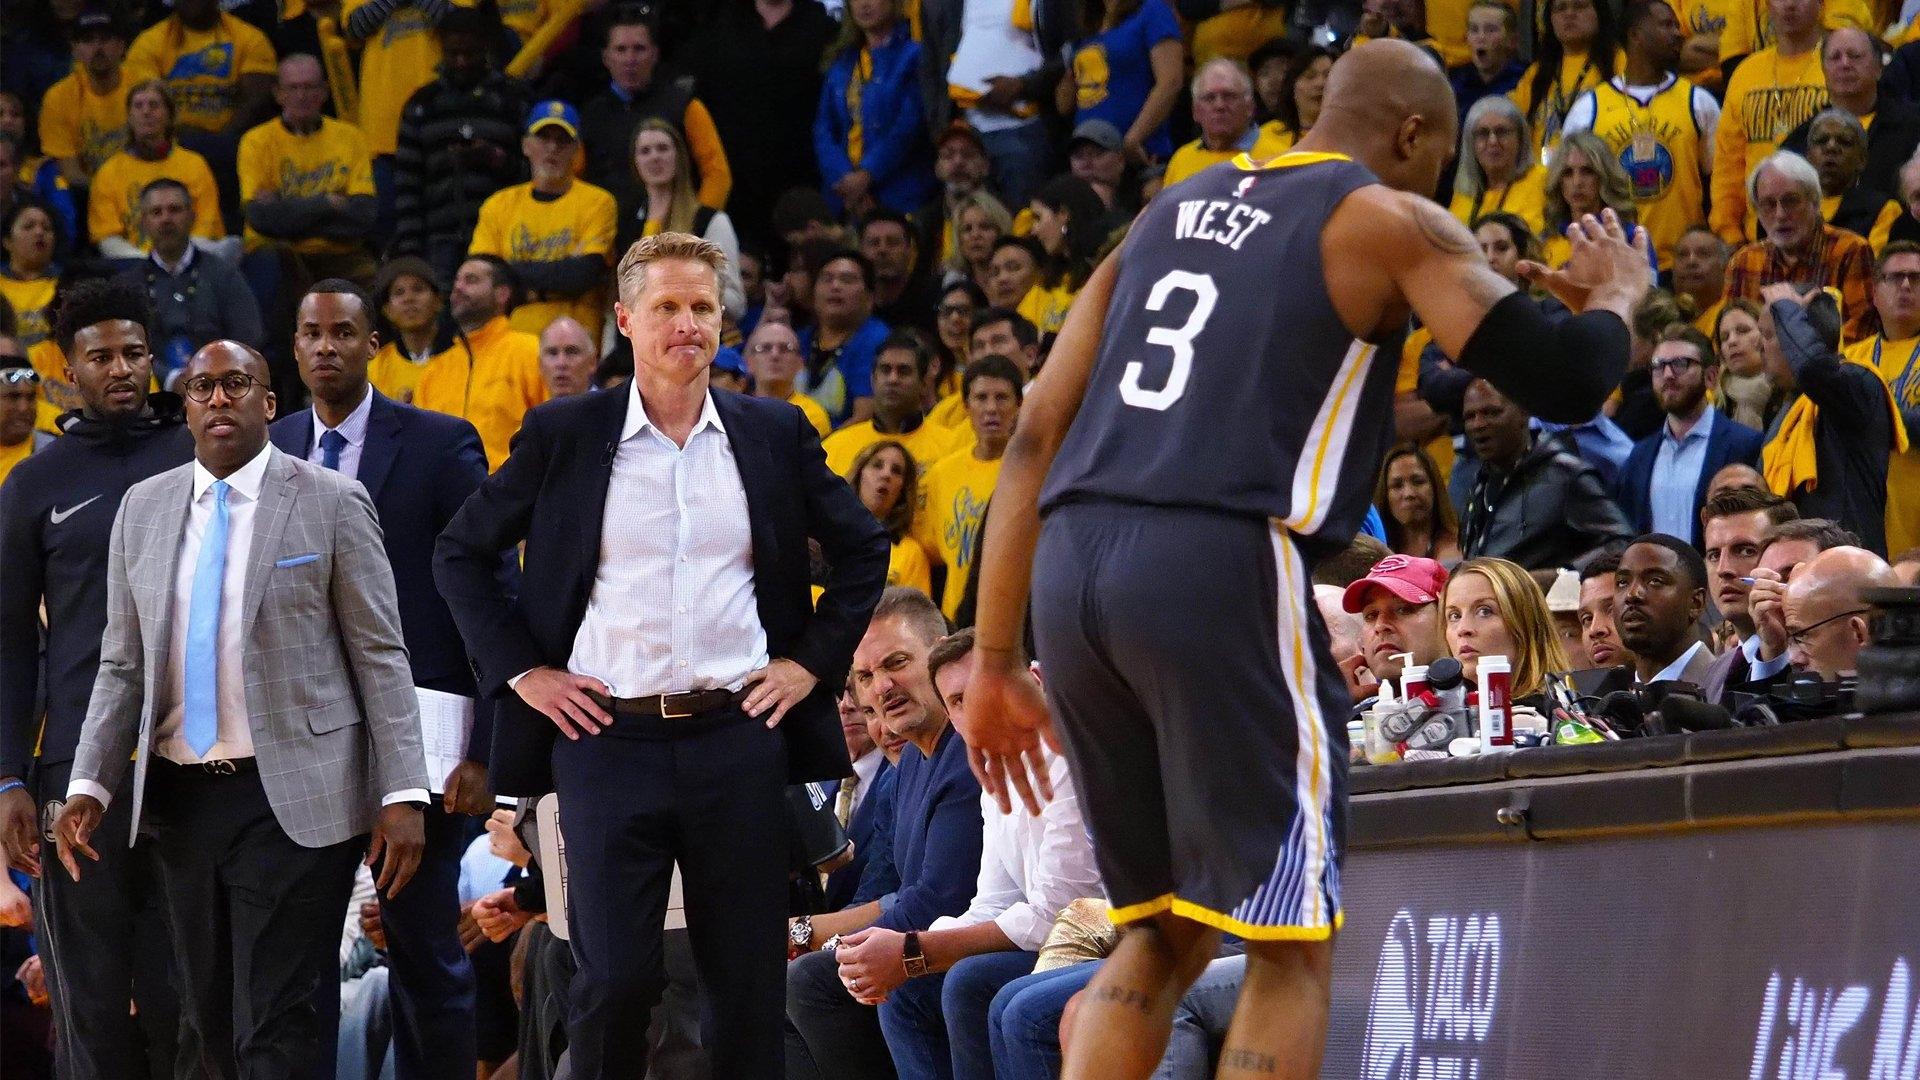 Треньорът на баскетболния Голдън Стейт Уориърс- Стив Кър, получи удължаване